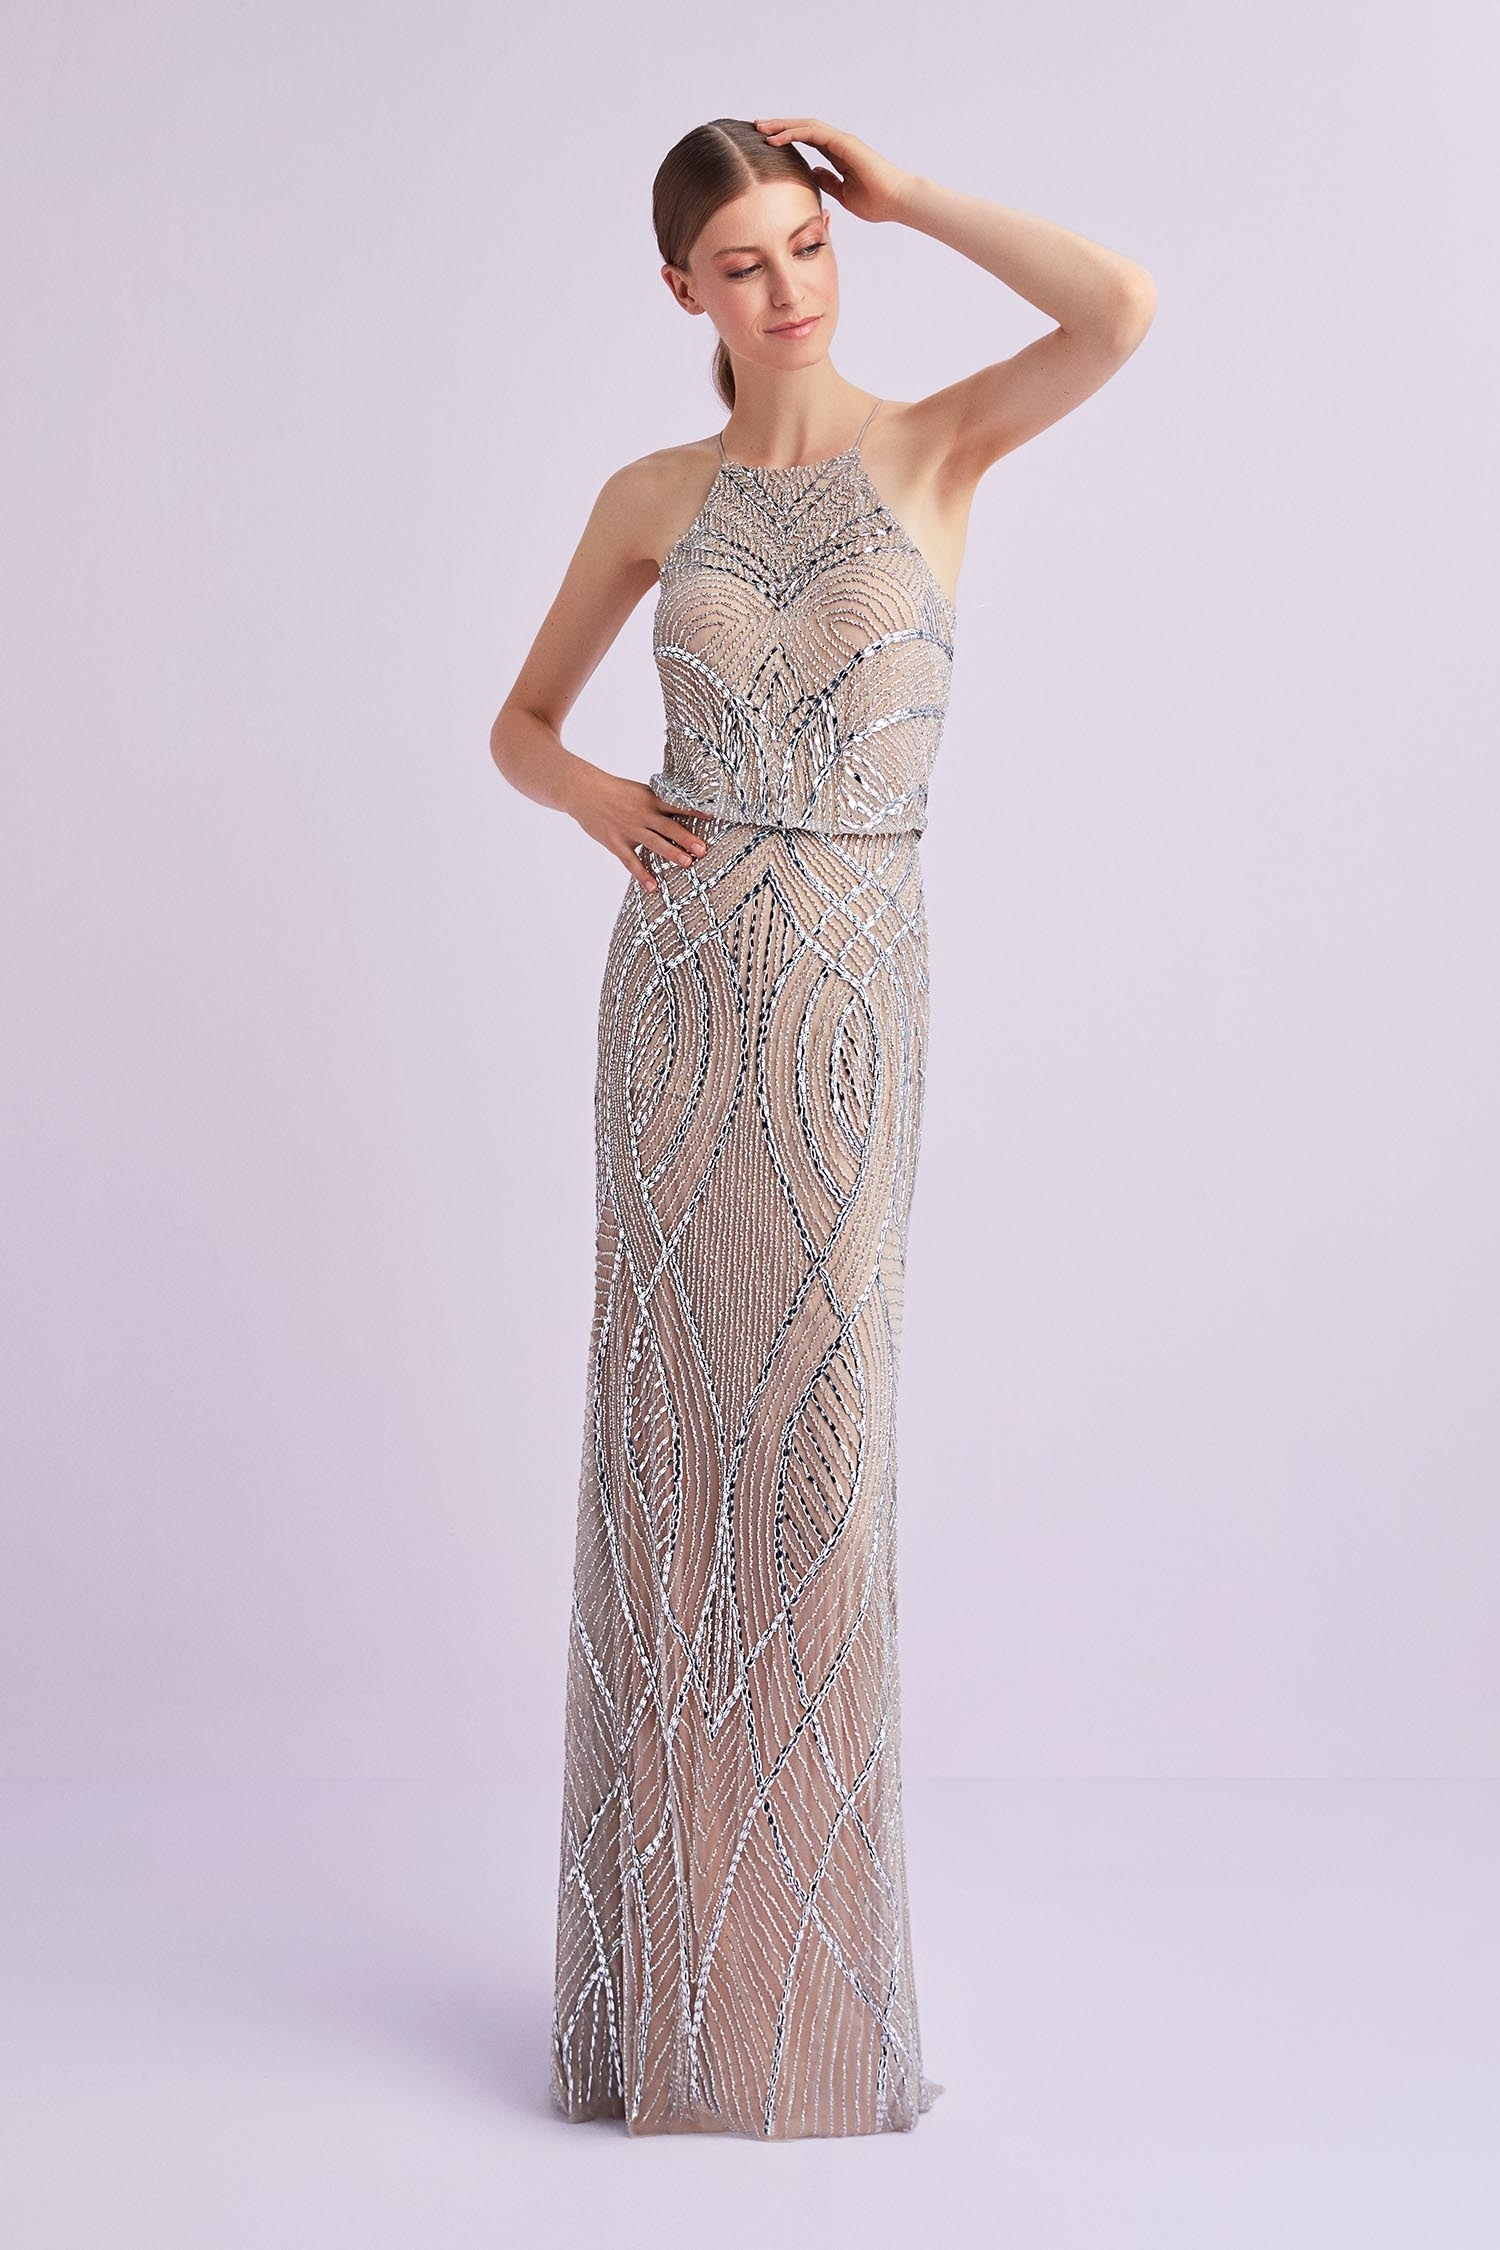 Şampanya Rengi Halter Yaka Payet İşlemeli Uzun Abiye Elbise - Thumbnail